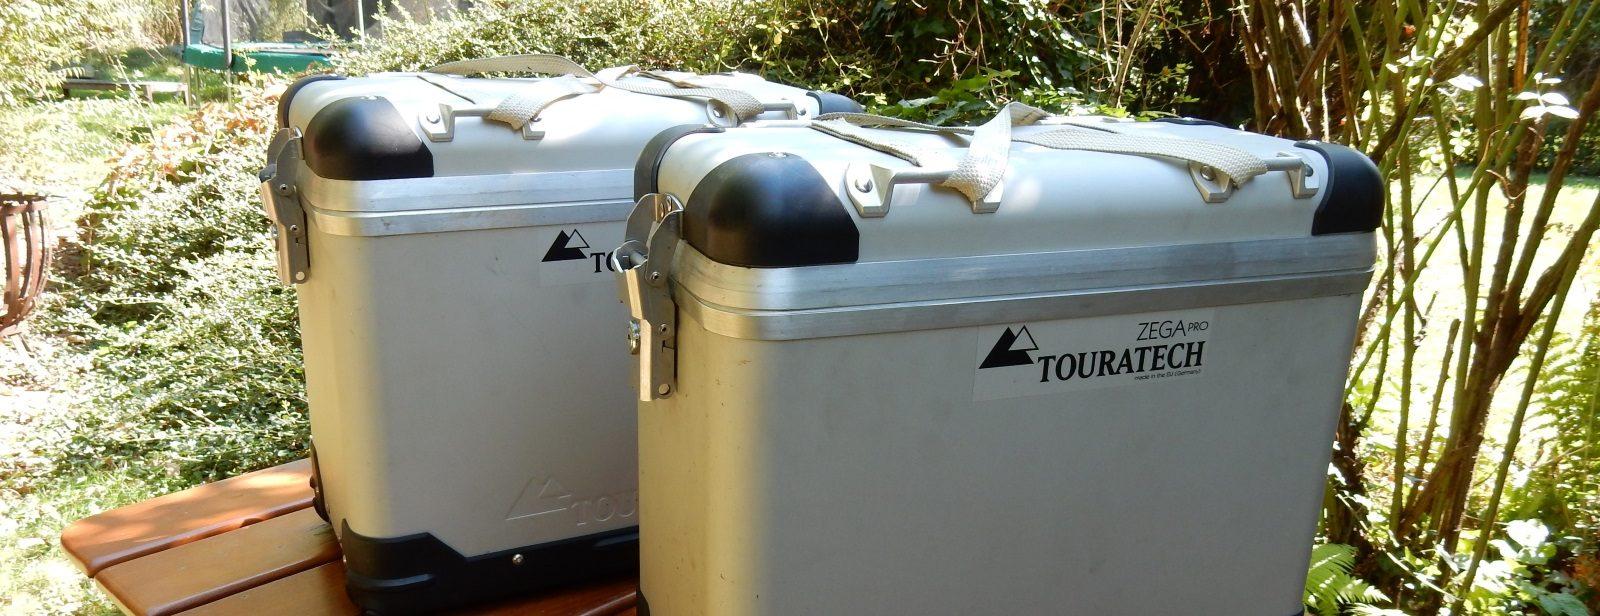 Zega Pro 1 Koffer von Touratech